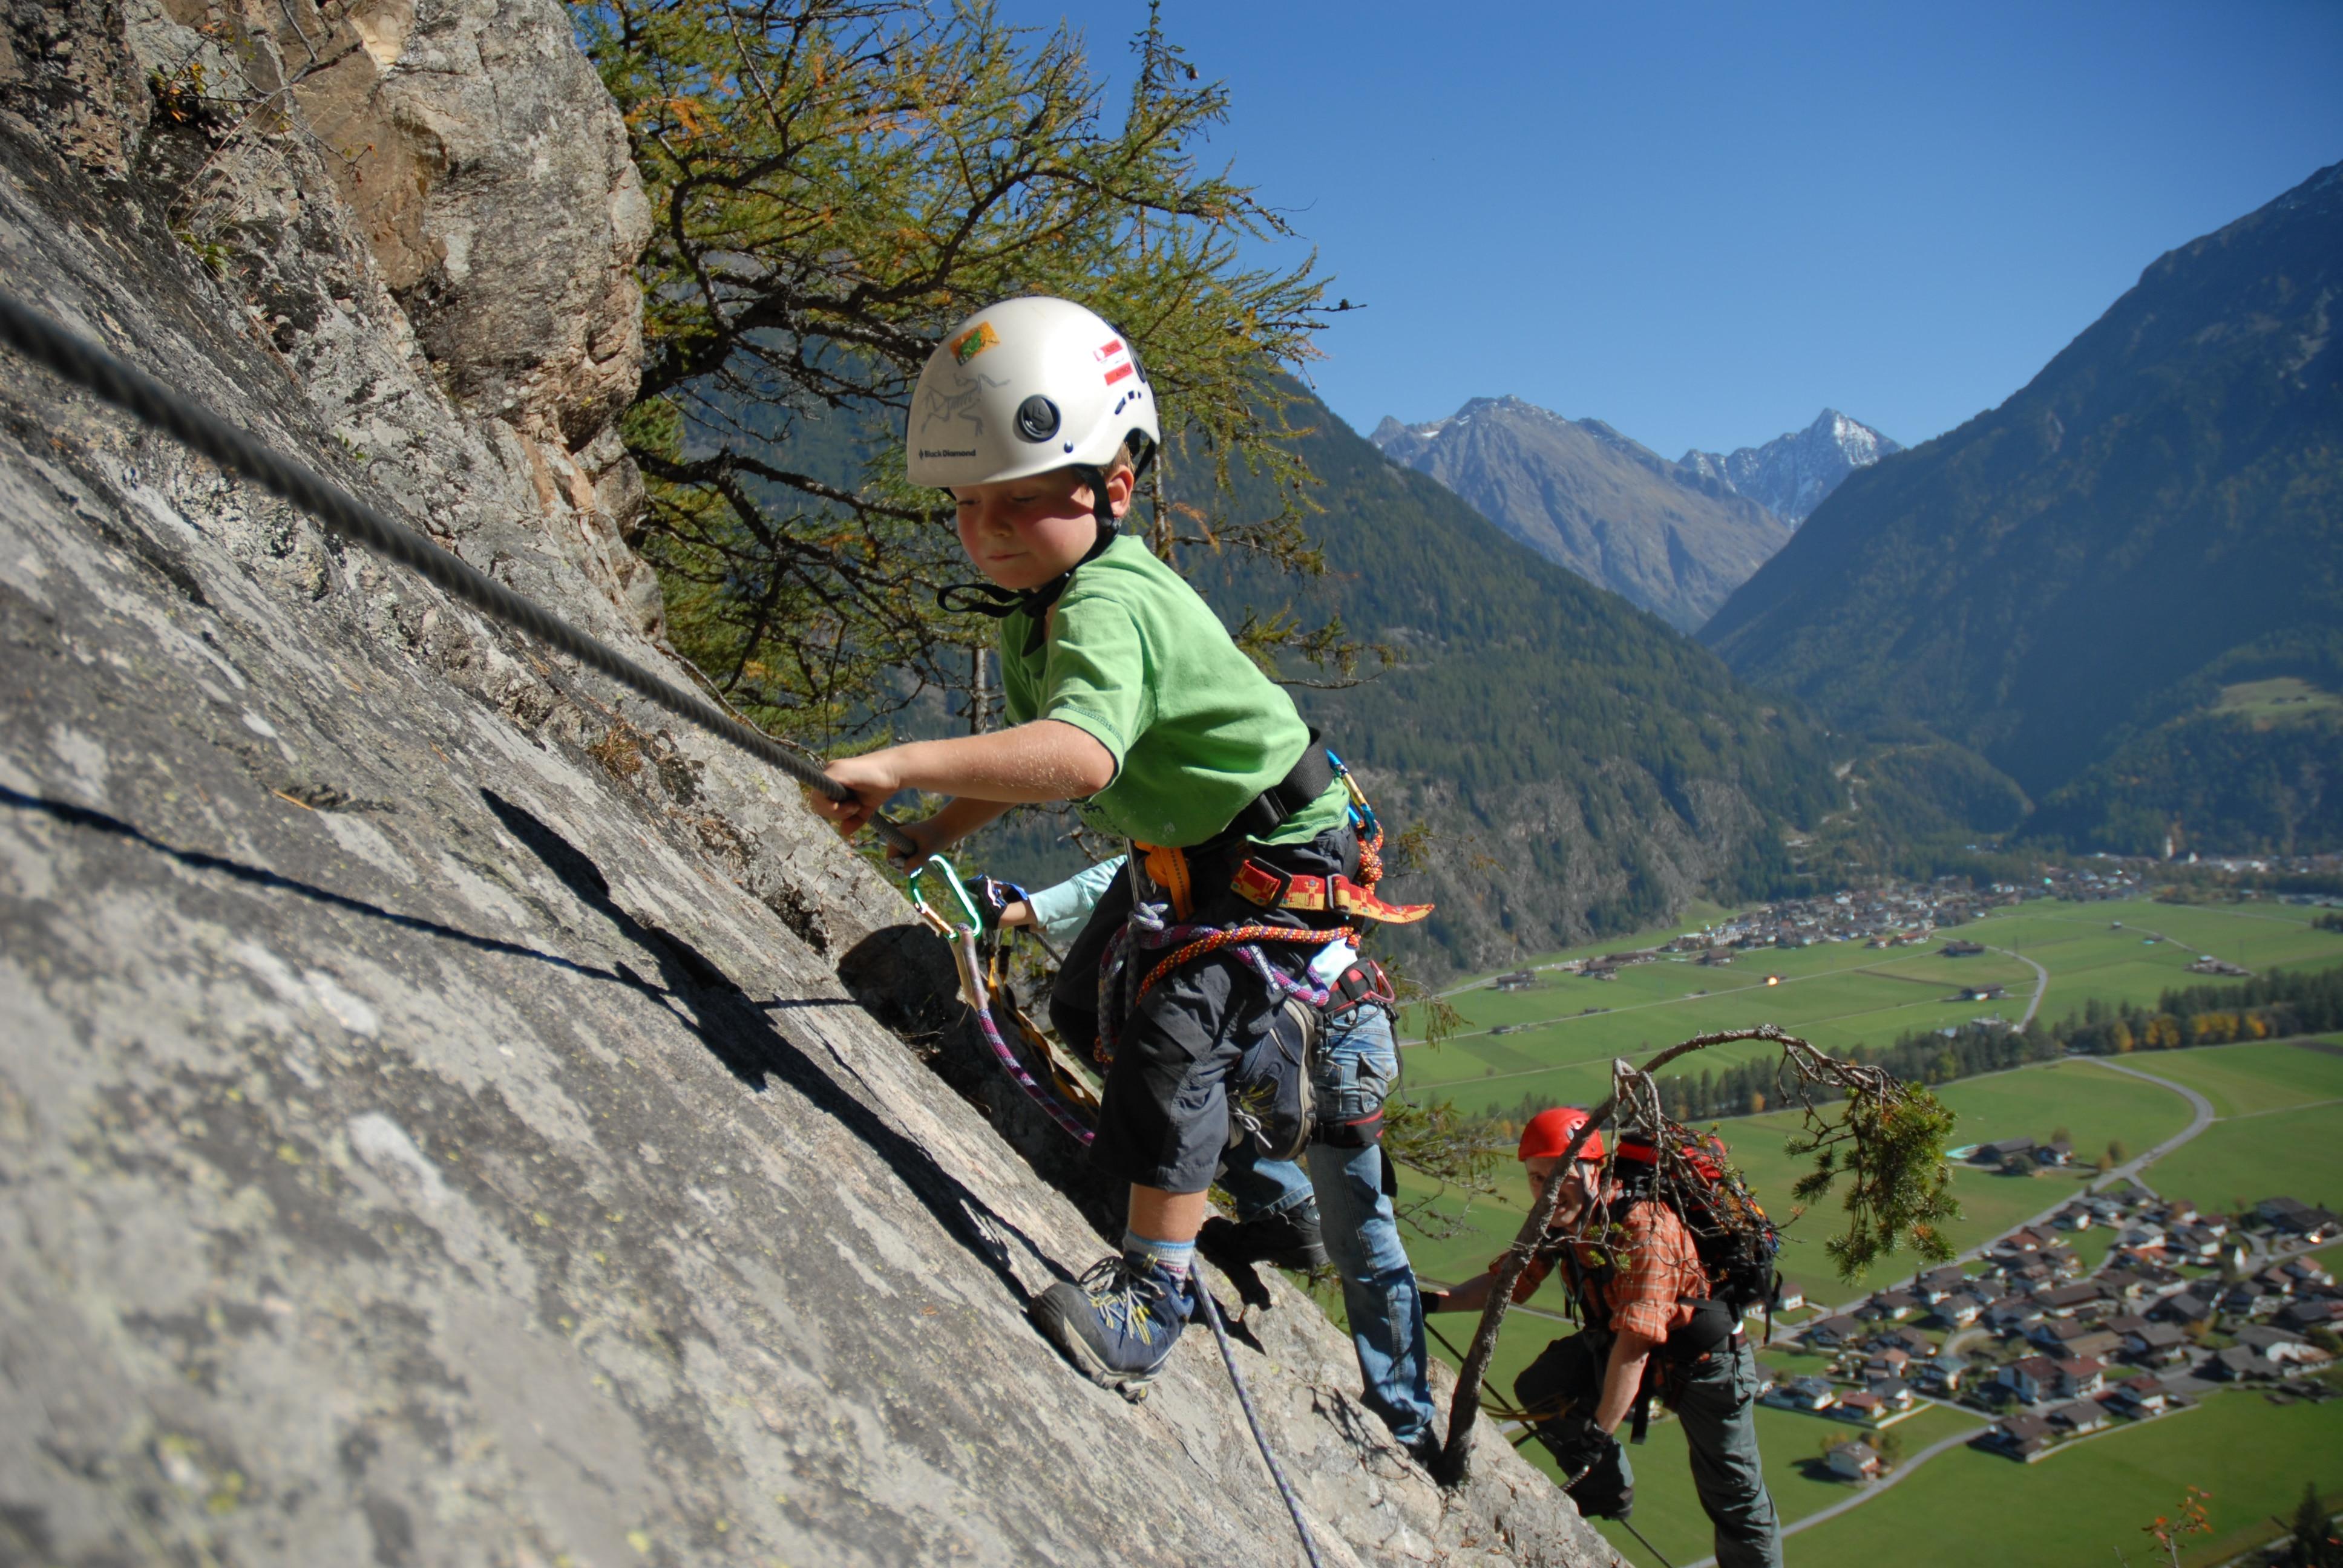 Klettersteig Hessen : Tipps vom profi klettersteige mit kindern bergwelten